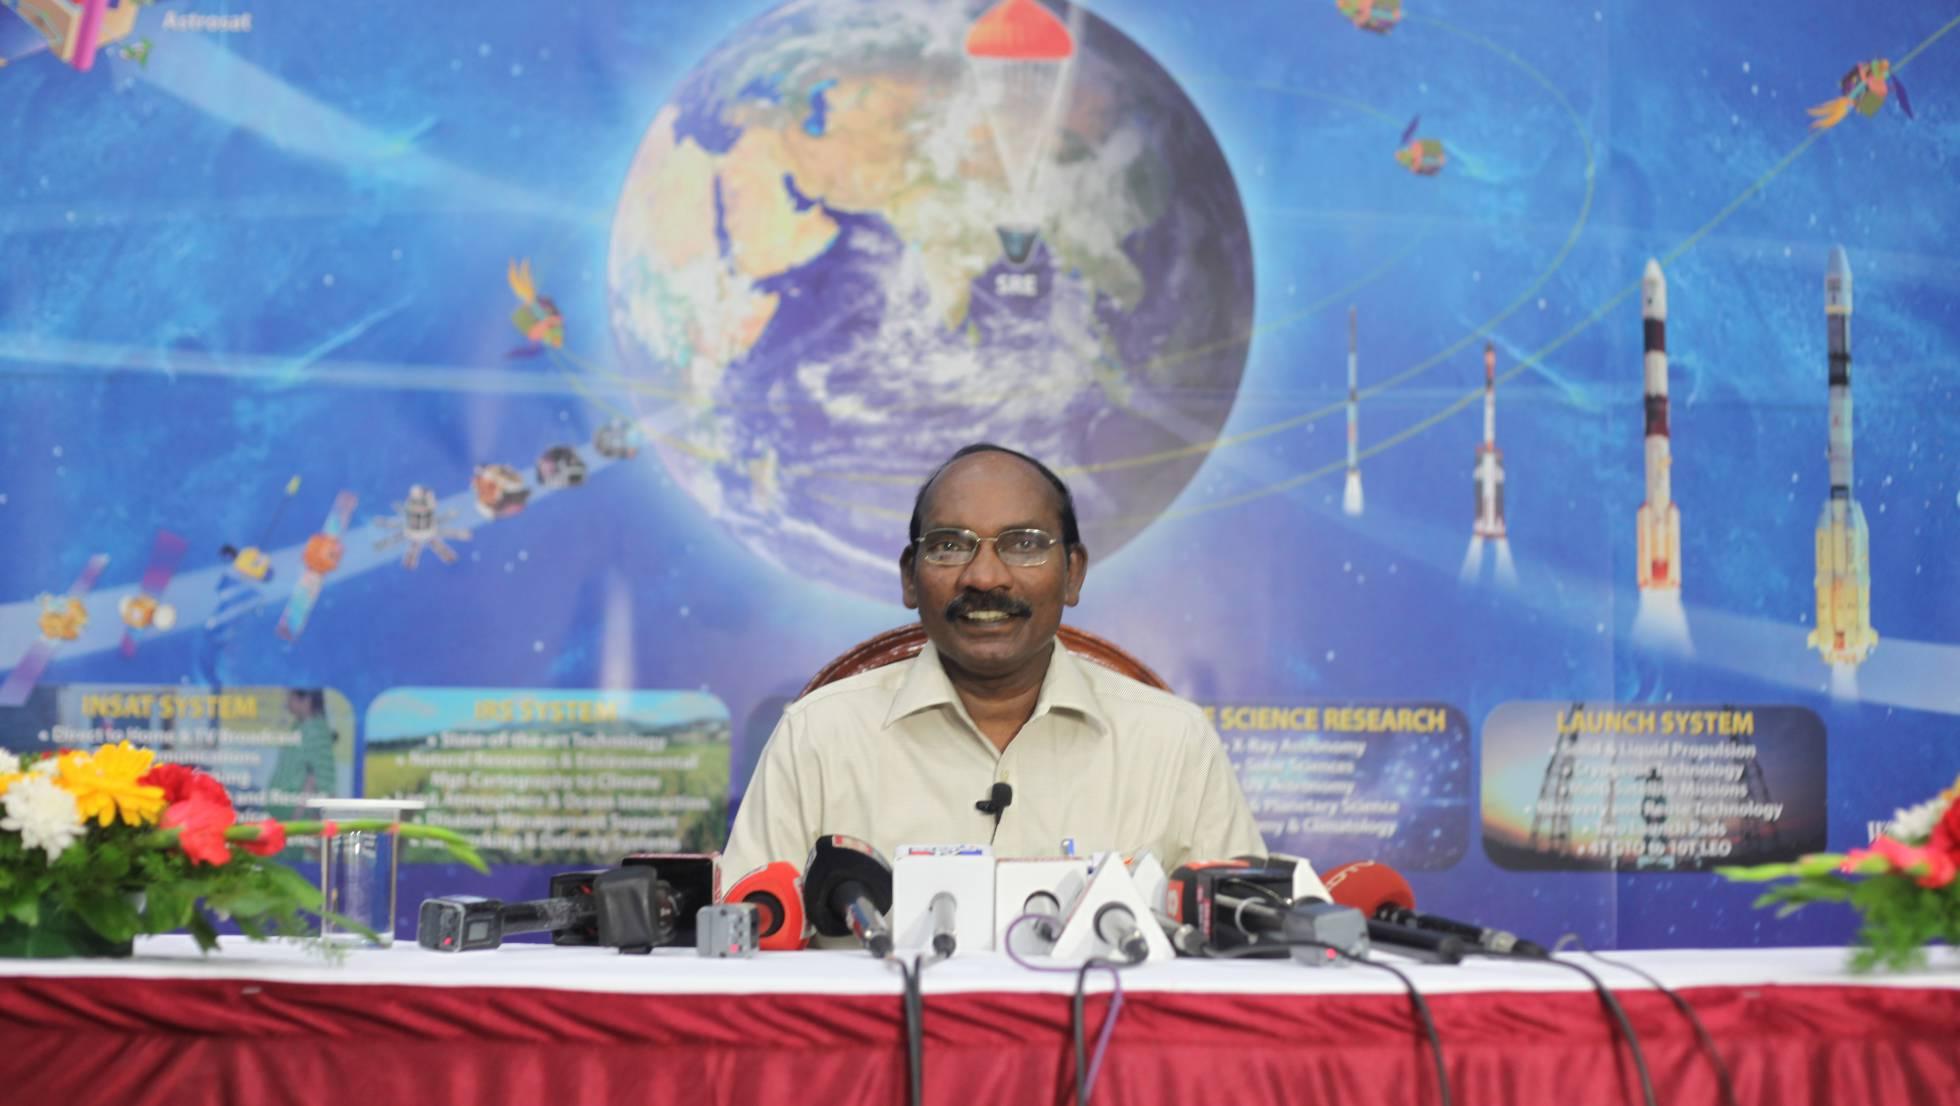 Sivan Chairman, de la agencia espacial de ese país, comunica el lanzamiento de tres astronautas, el pasado agosto en Begaluru.